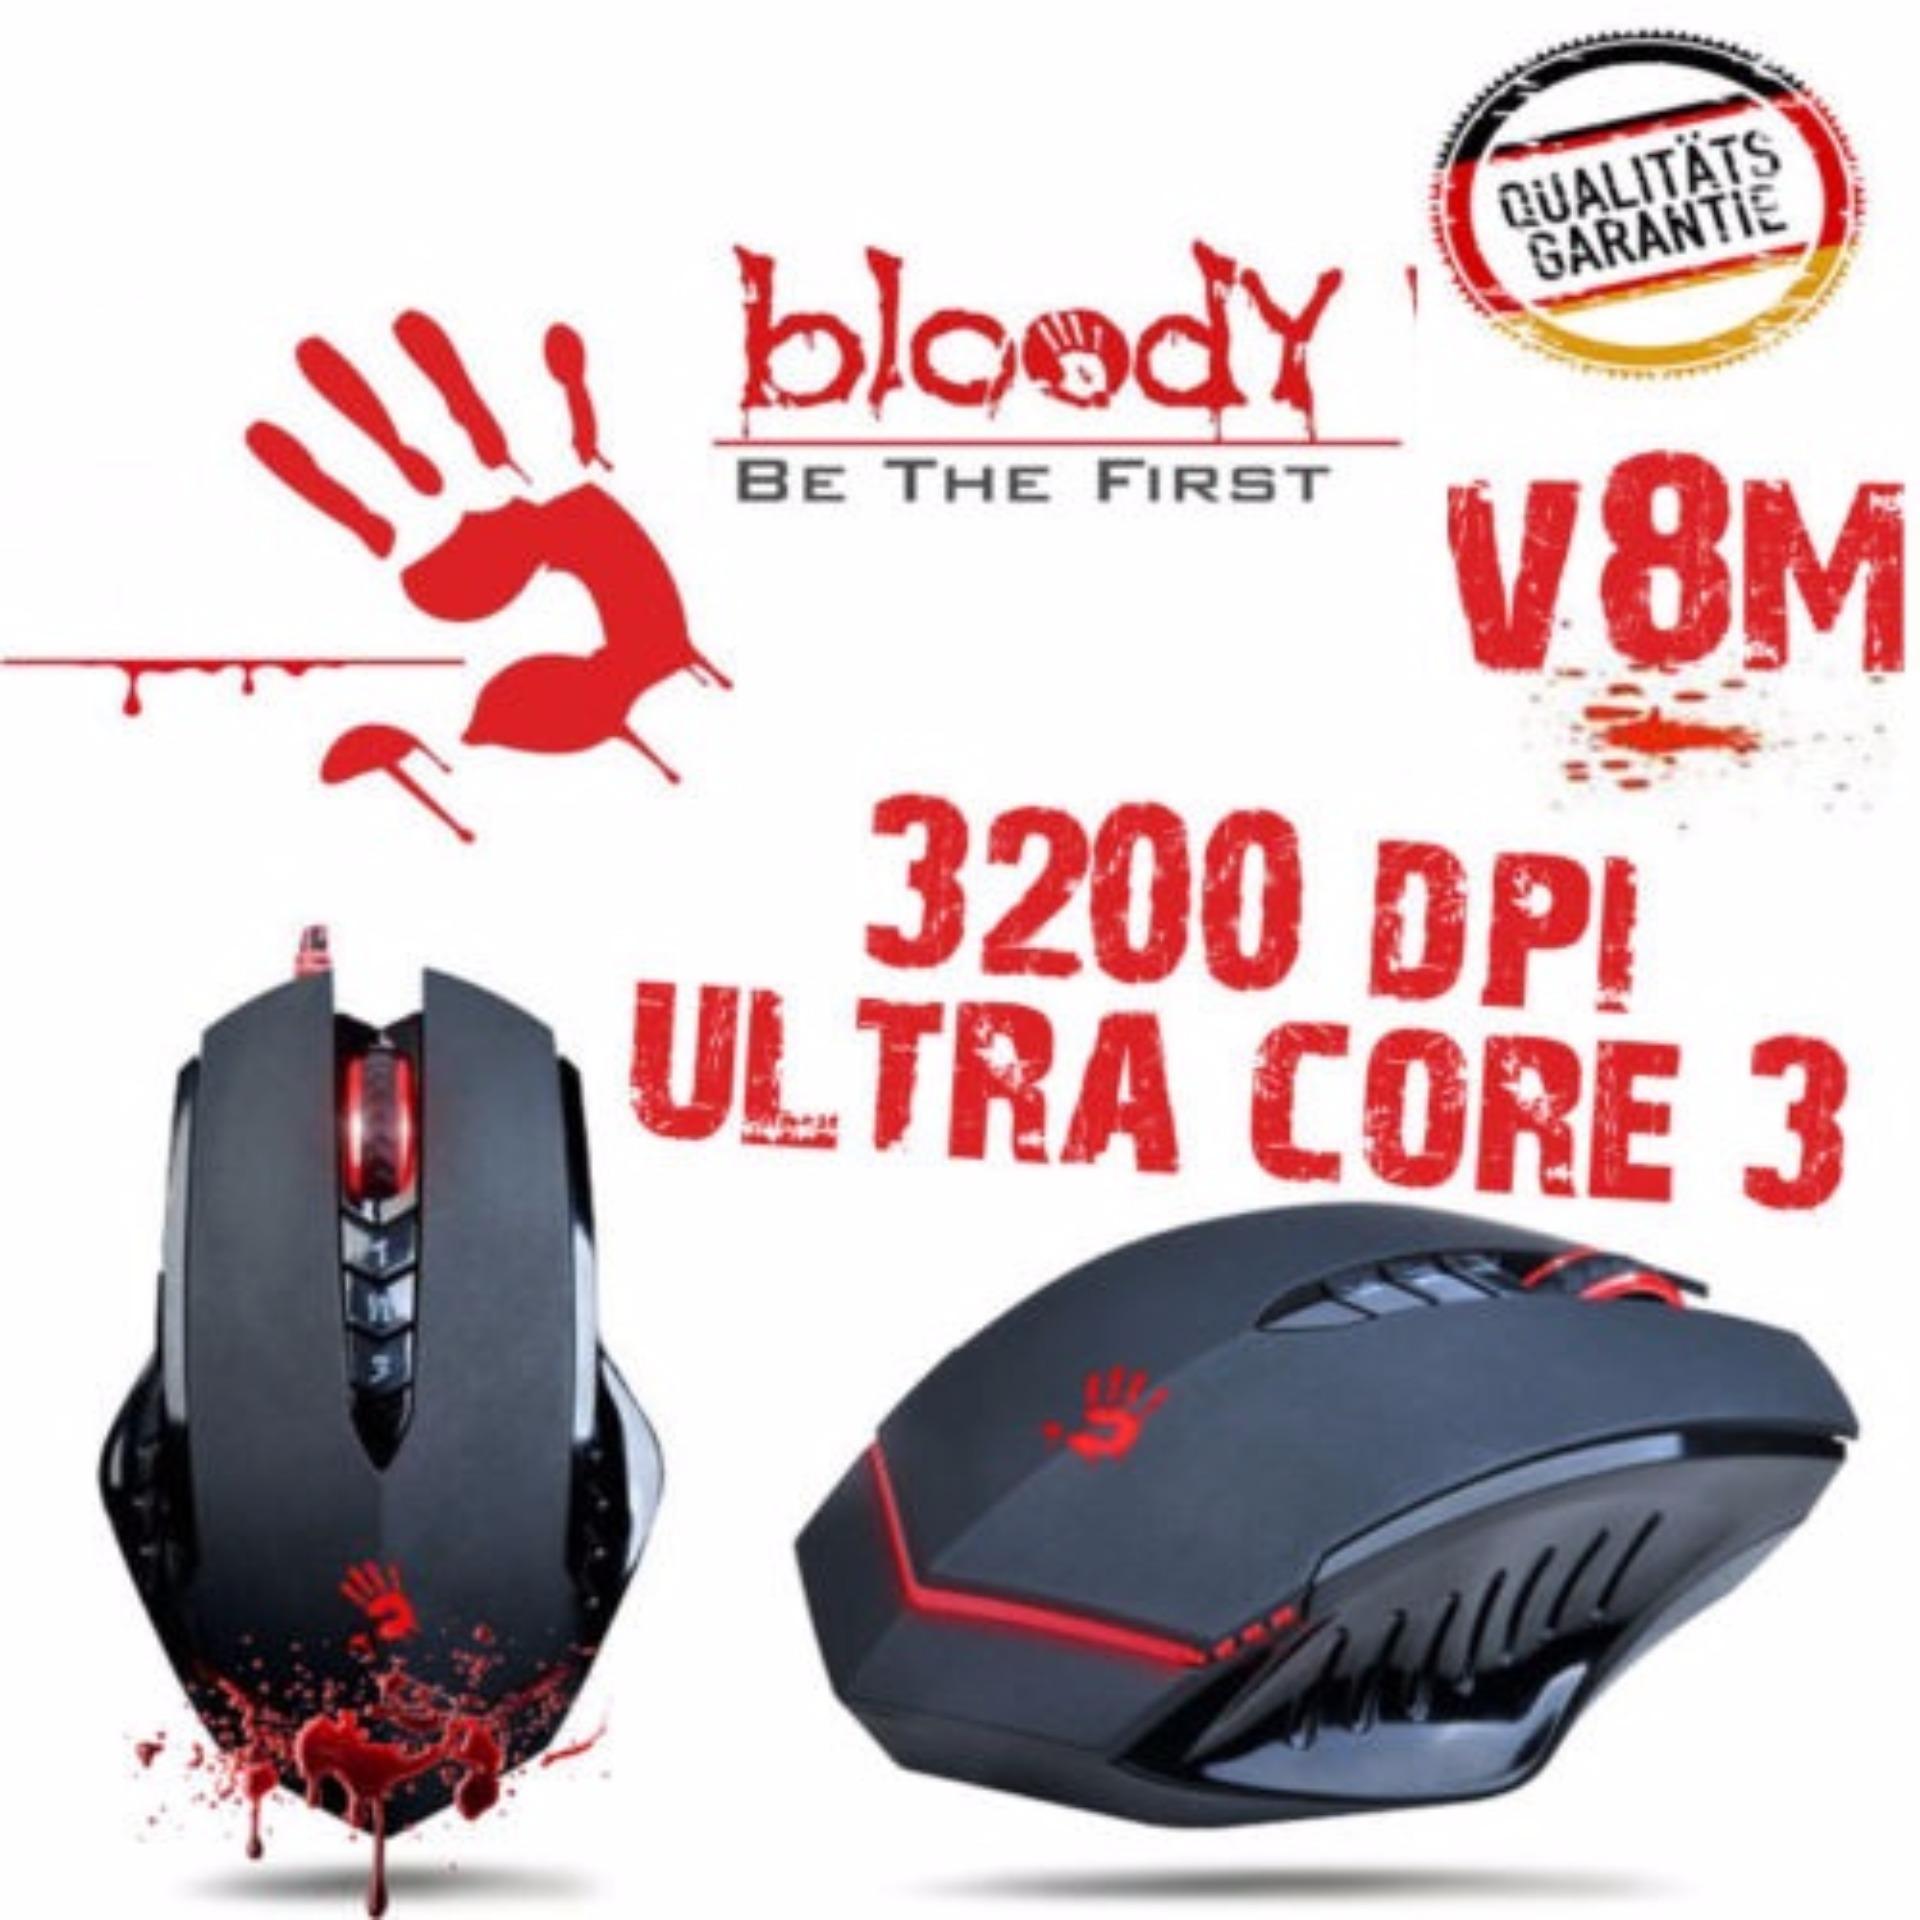 Bloody Xglide Ultra Core 3 Gaming Mouse Type V7ma Daftar Harga V2ma V8ma